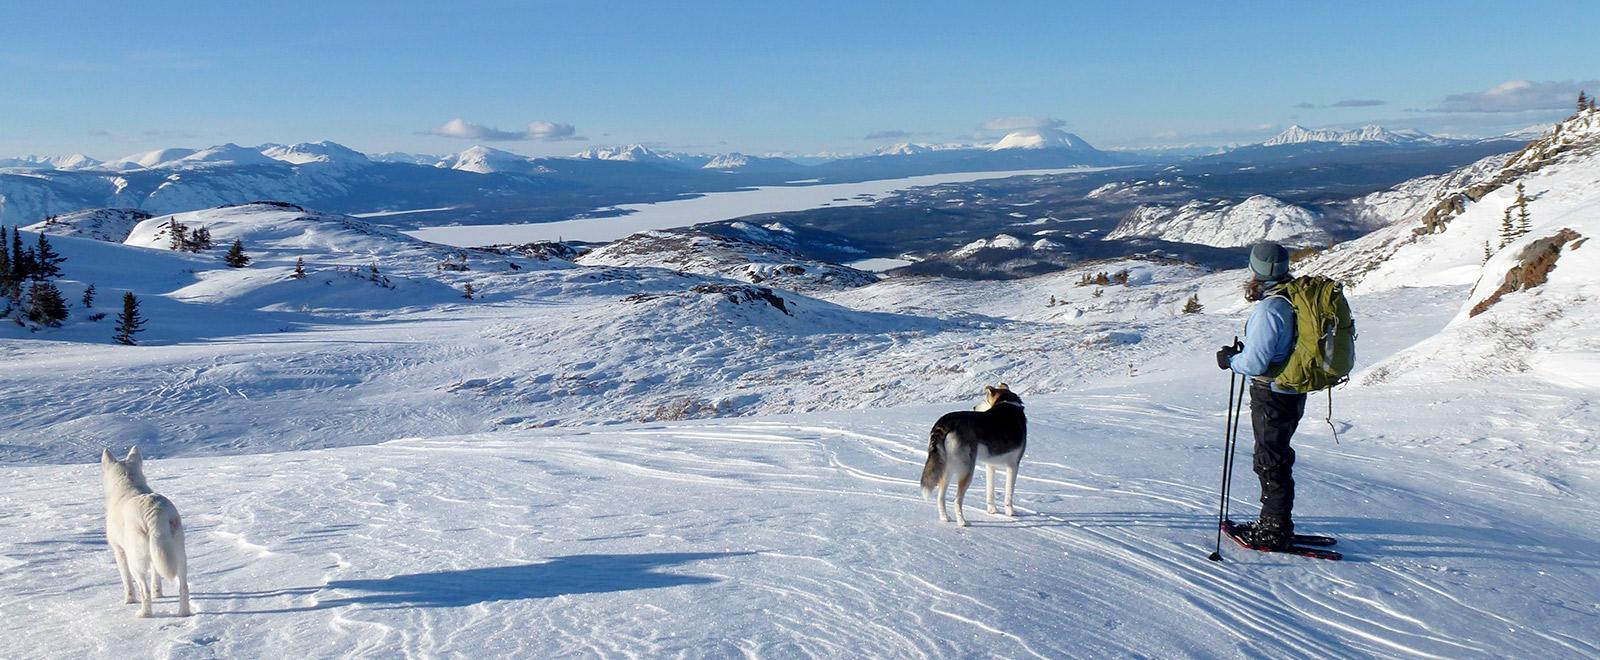 winter yukon landscape